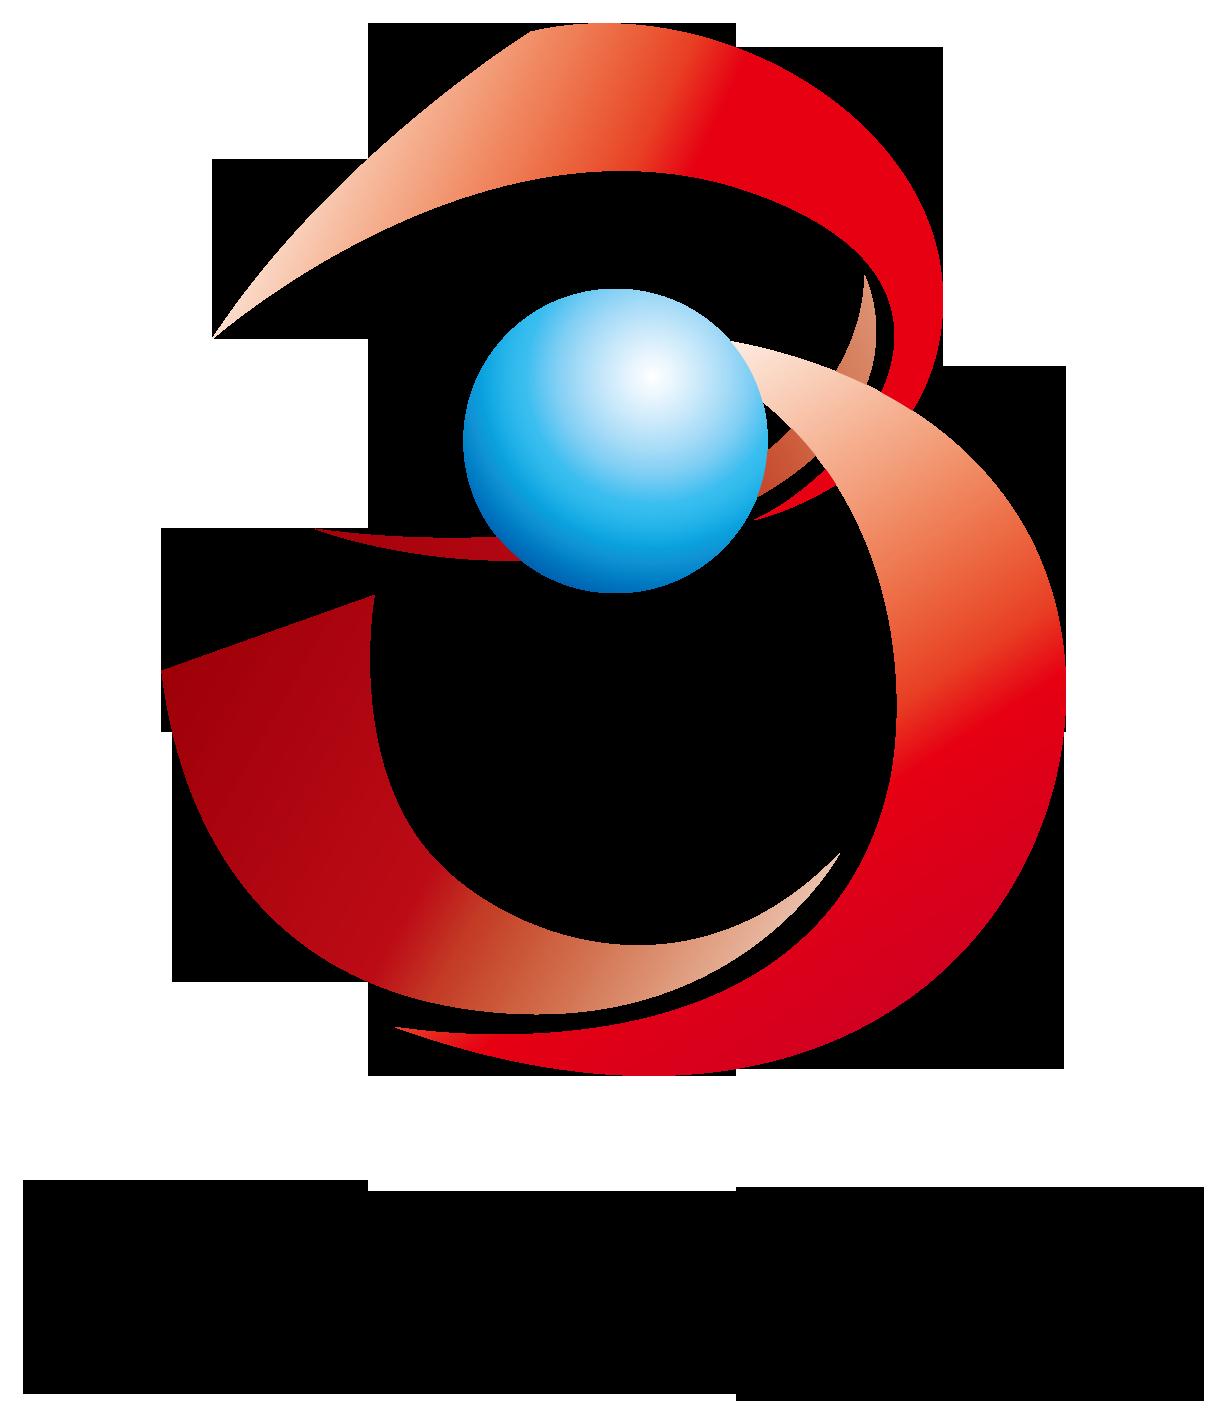 広告/印刷業と近未来と赤のロゴ